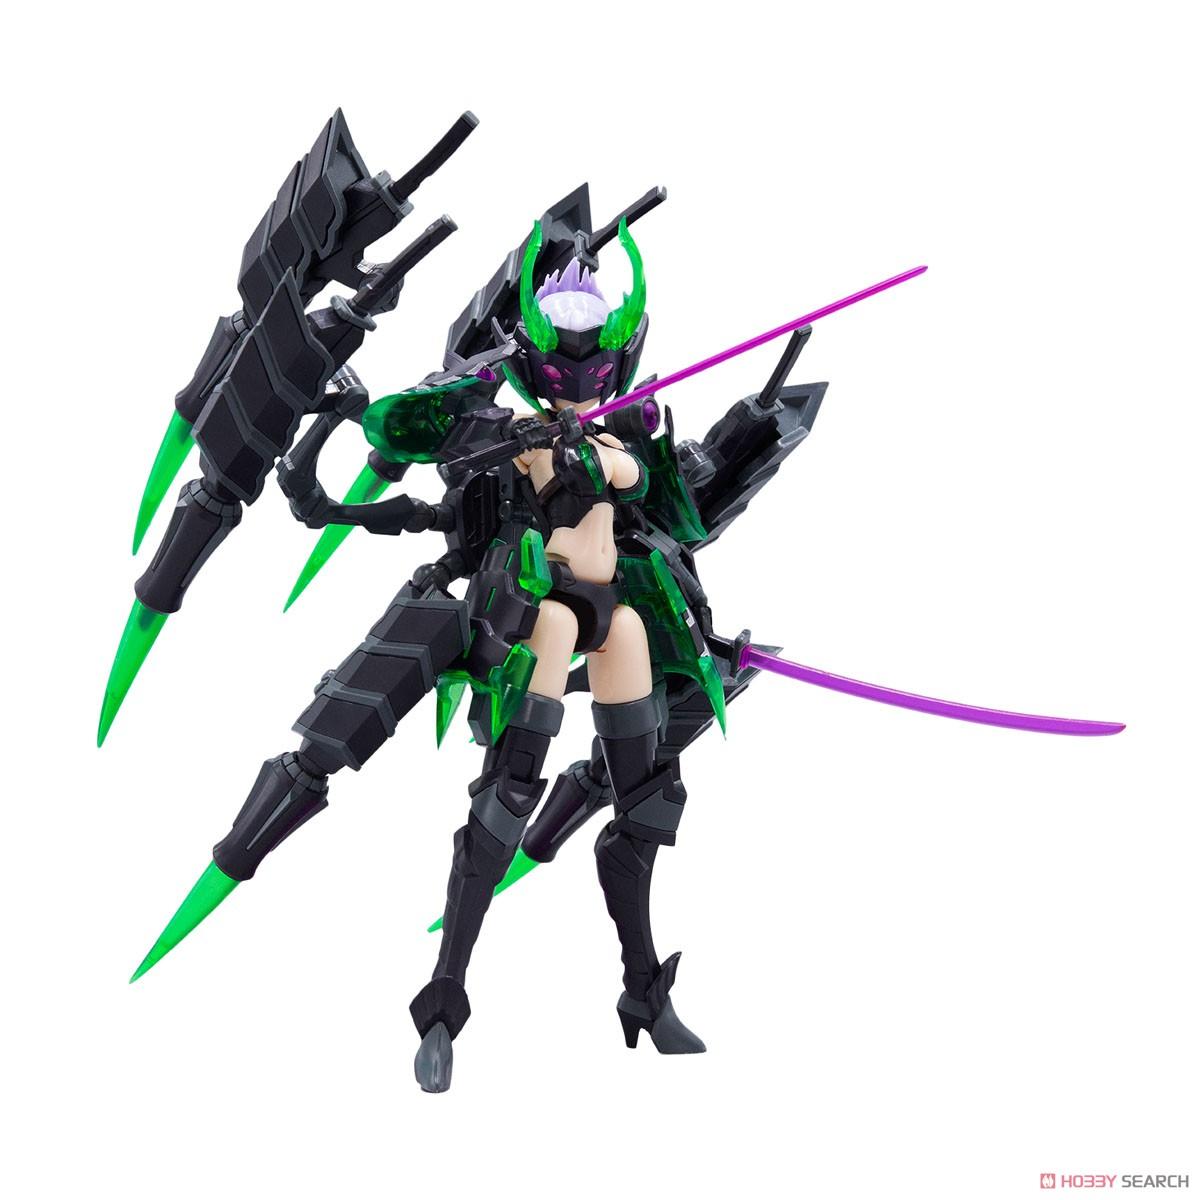 ATKガール『A.T.K.GIRL ARACHNE 2.0』1/12 プラモデル-006